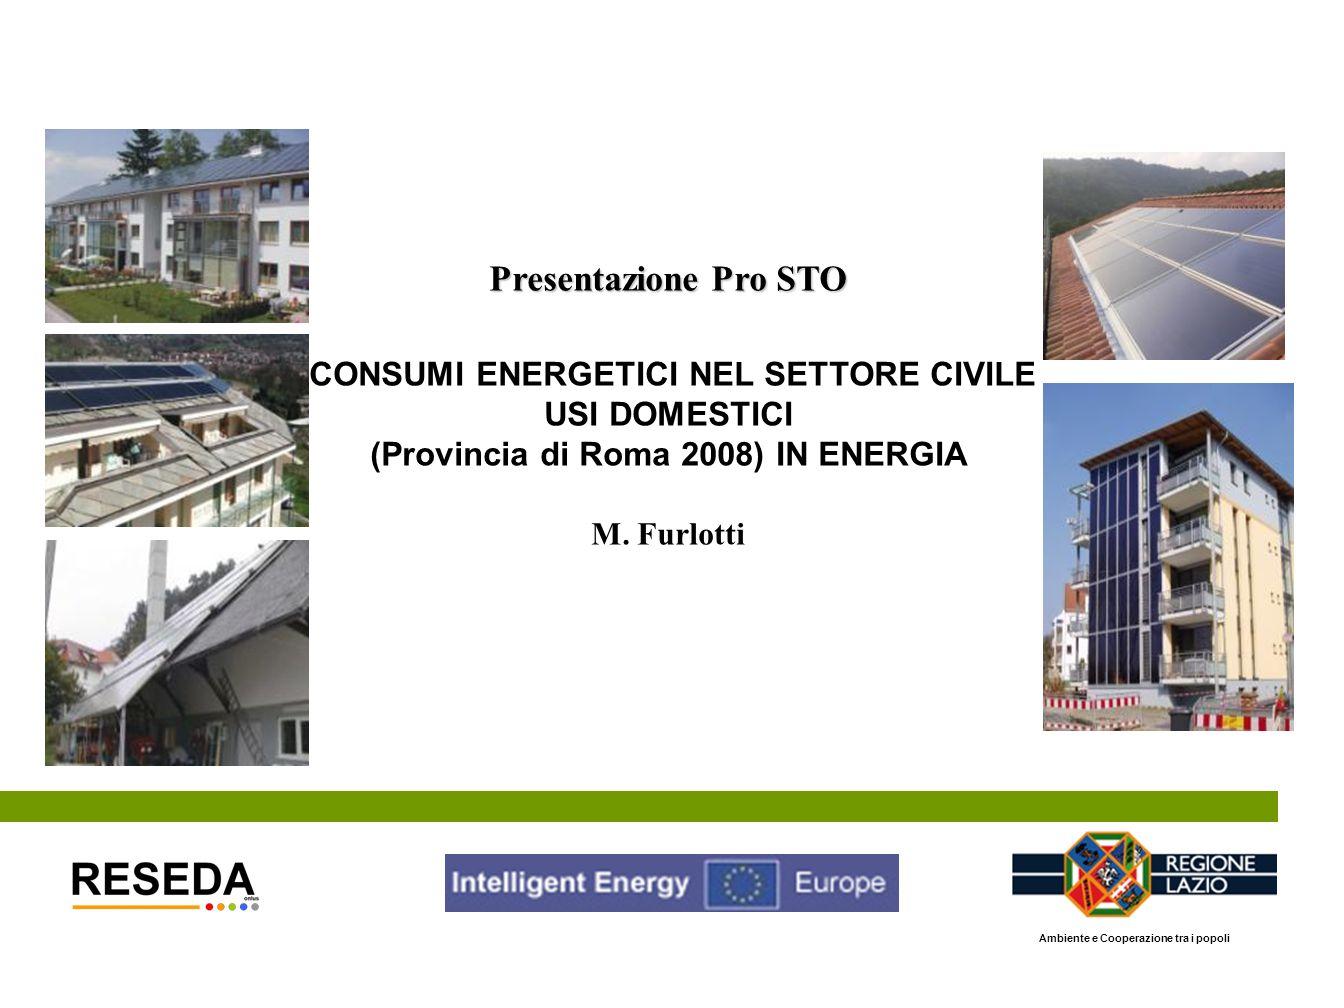 CONSUMI ENERGETICI NEL SETTORE CIVILE